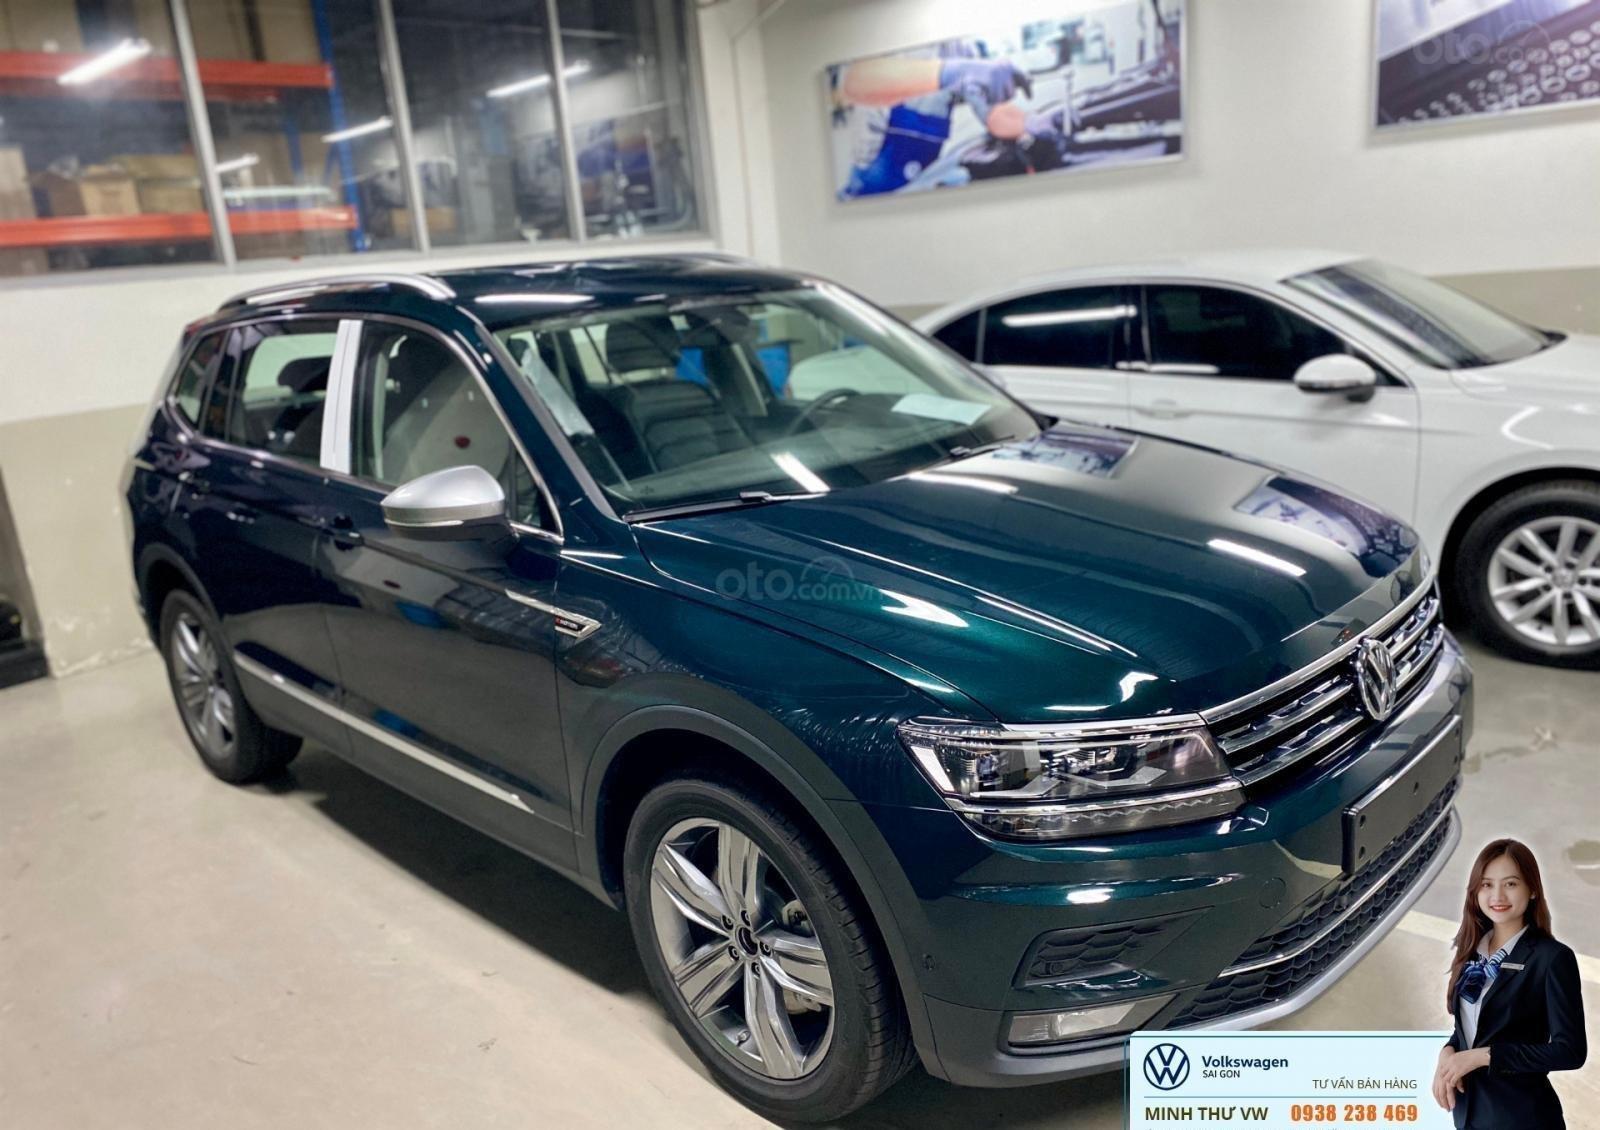 Xe Tiguan Luxury xanh rêu - khuyến mãi giá tốt - SUV 7 chỗ nhập khẩu (1)